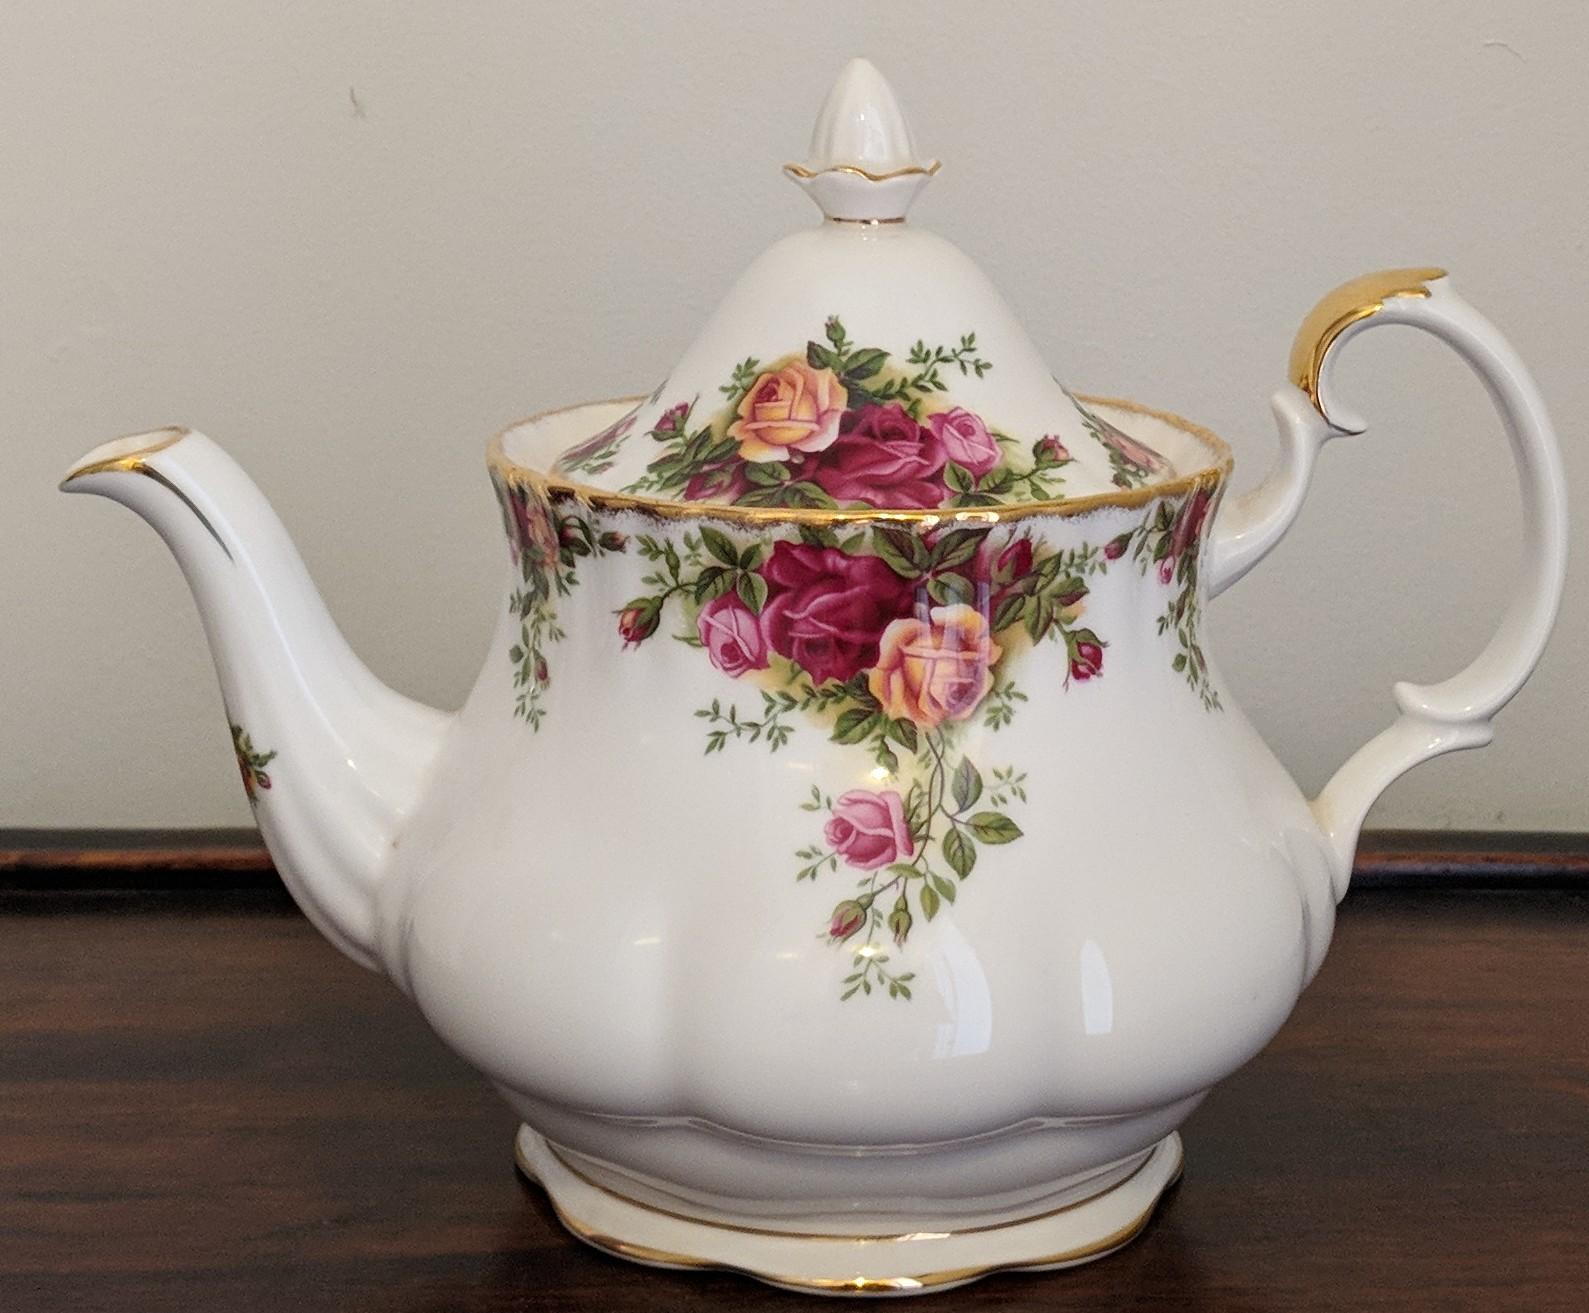 Vintage Royal Albert Teapot